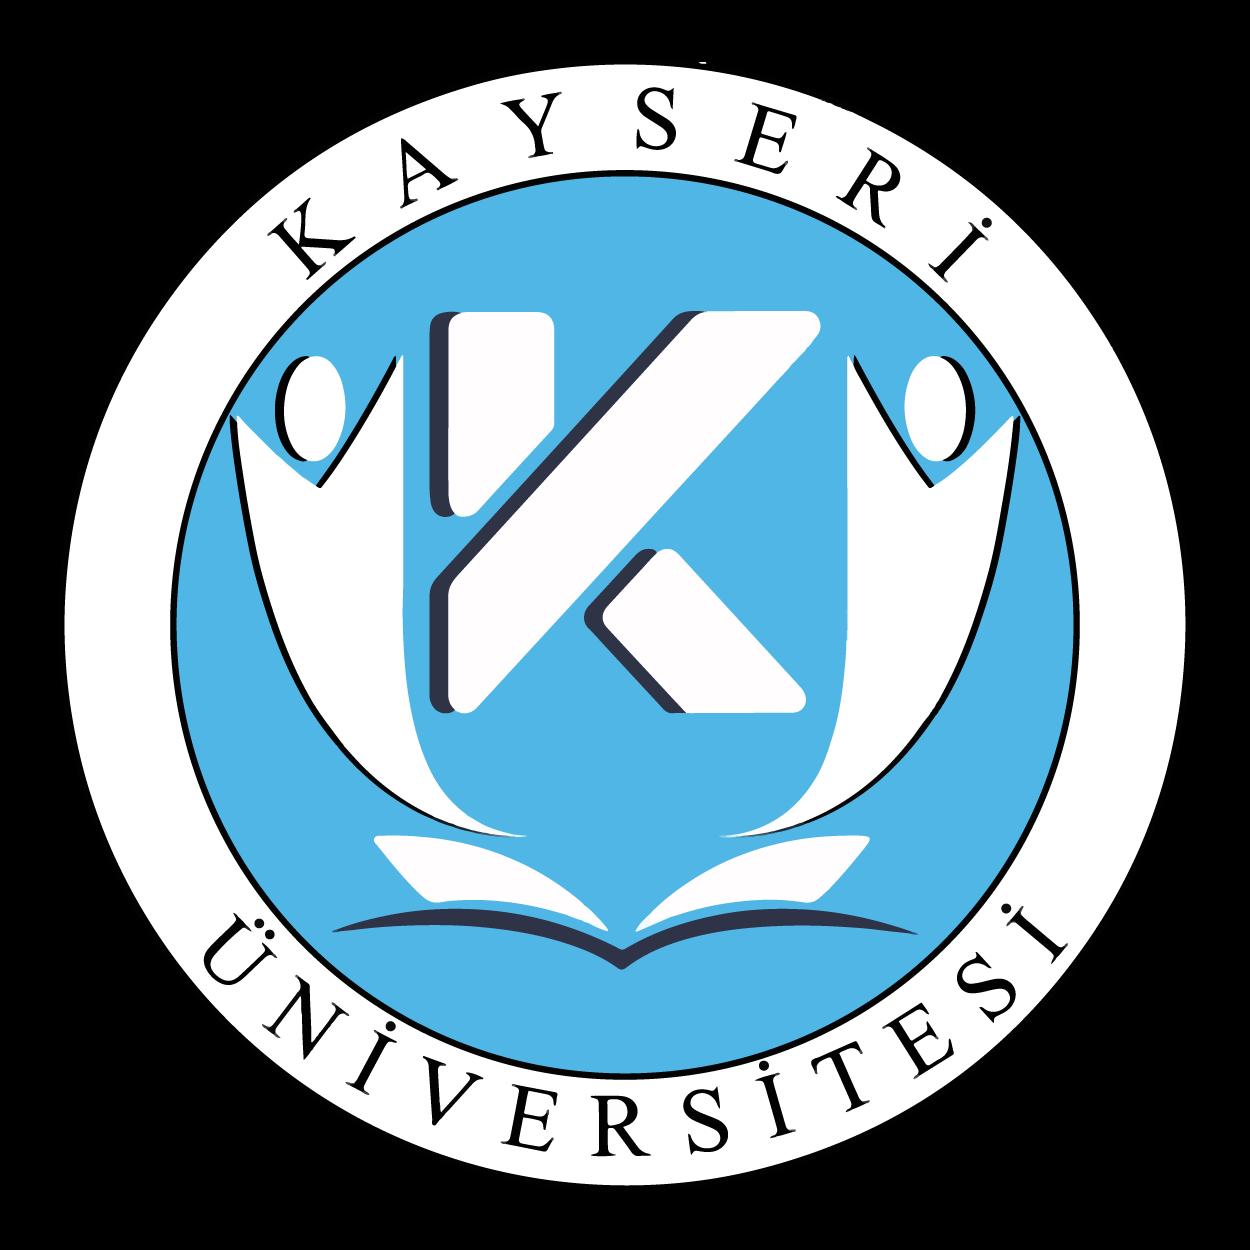 Kayseri Üniversitesi Logo png